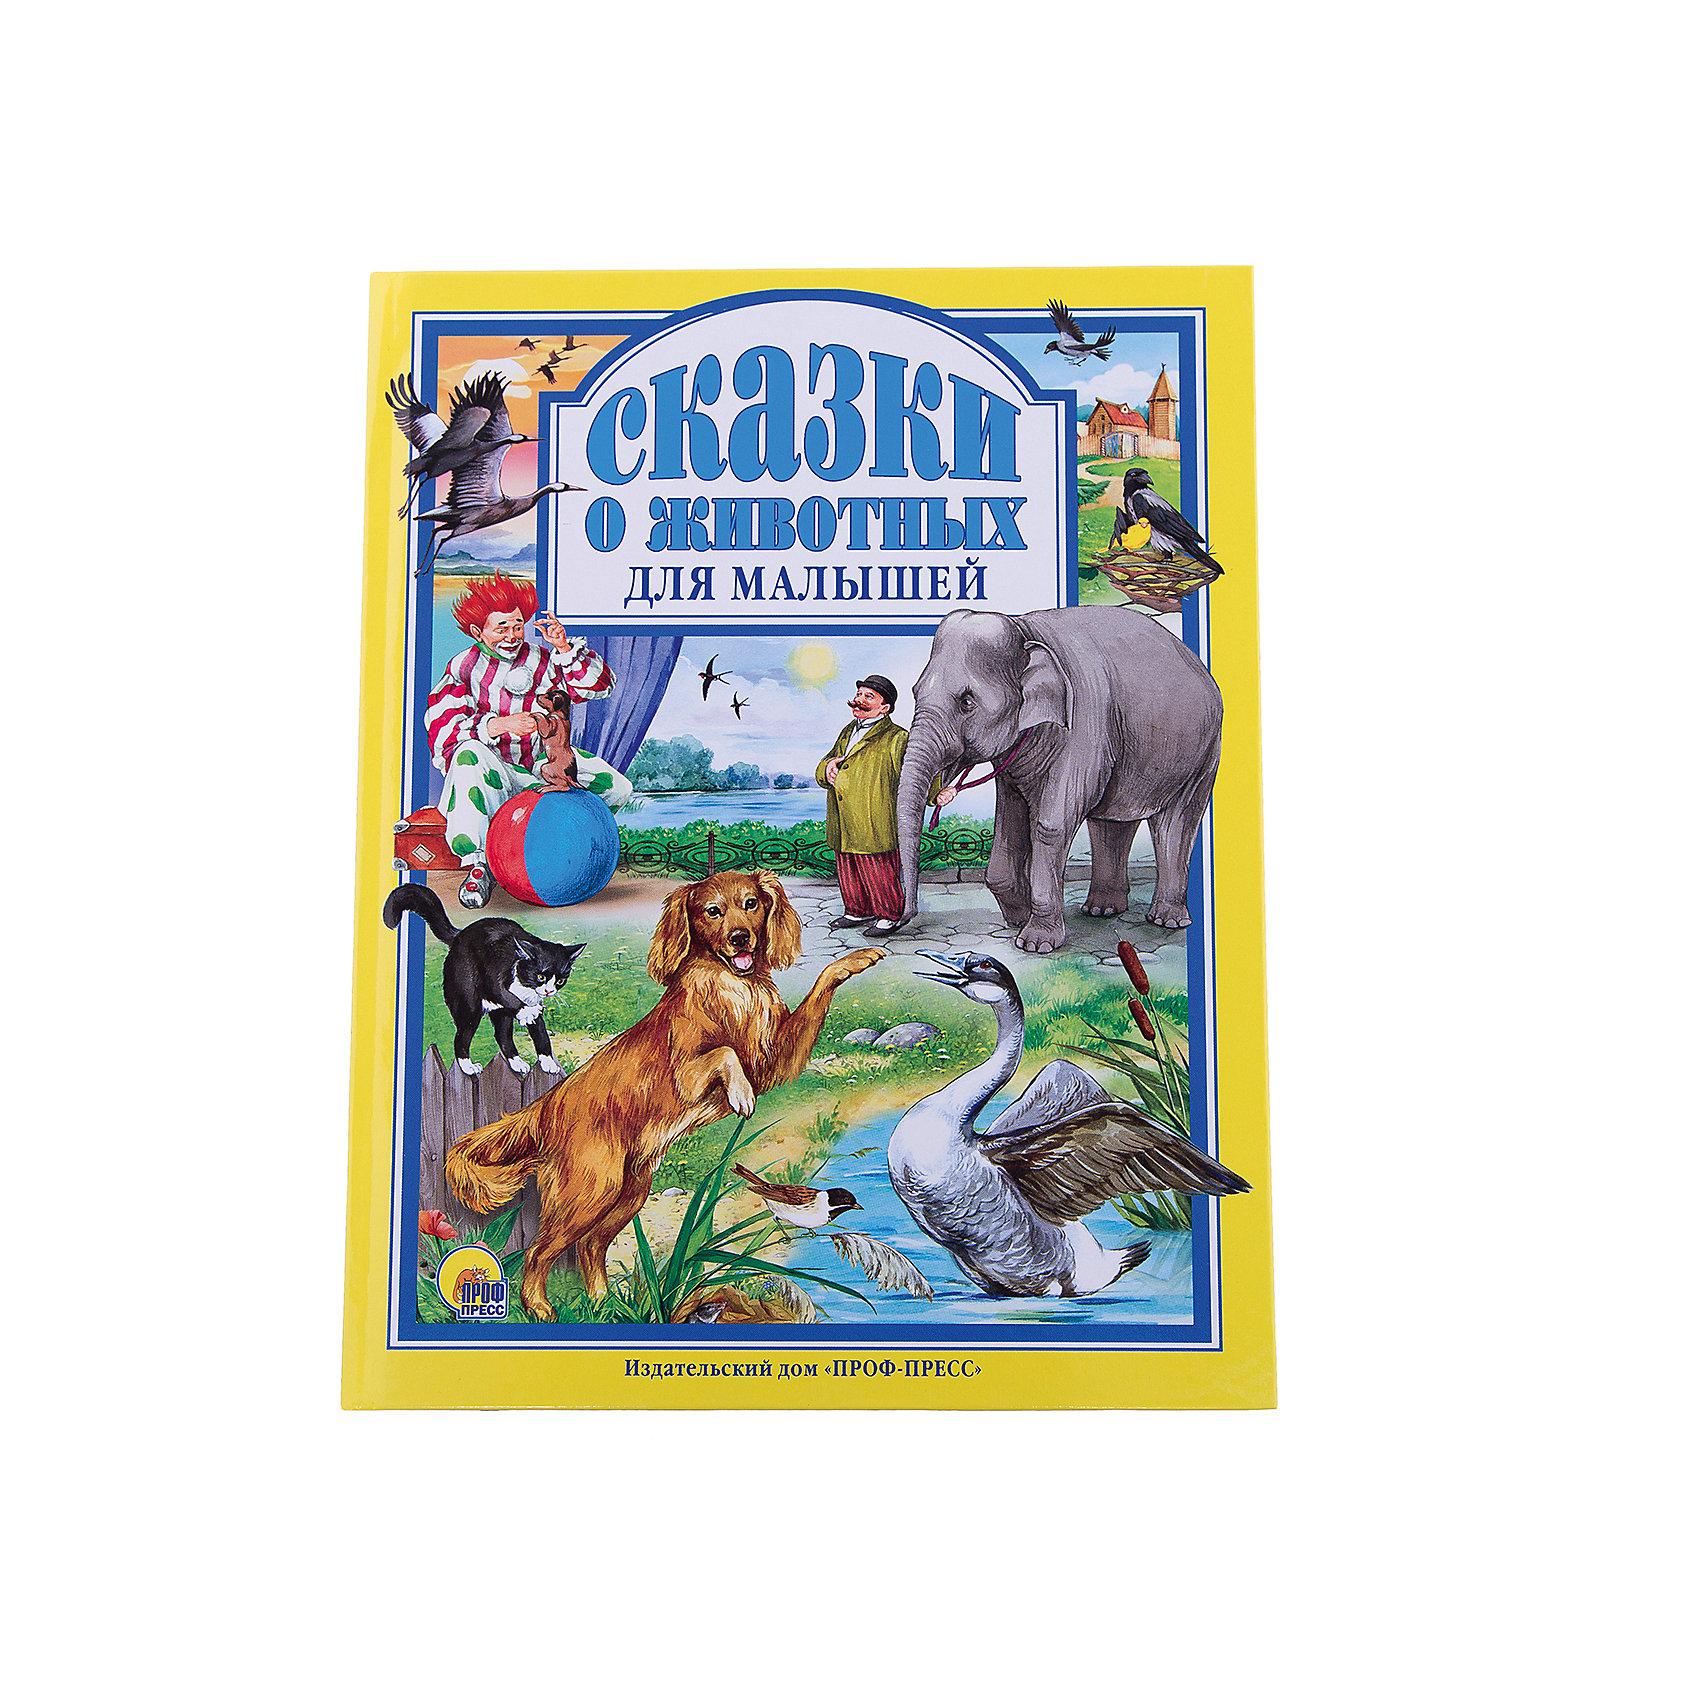 Сказки о животных для малышейПроф-Пресс<br>Данная серия собрала сказки, проверенные многими поколениями, которые понравятся и современным детям. Книги - это лучший подарок не только взрослым, они помогают детям познавать мир и учиться читать, также книги позволяют ребенку весело проводить время. Они также стимулируют развитие воображения, логики и творческого мышления.<br>Это издание очень красиво оформлено, в него вошли самые интересные сказки. Яркие картинки обязательно понравятся малышам! Книга сделана из качественных и безопасных для детей материалов. Содержание: произведения известных русских писателей: Дмитрия Мамина-Сибиряка, Константина Ушинского, Льва Толстого, Александра Куприна( в сокращении), Антона Чехова и Саши Чёрного.<br>  <br>Дополнительная информация:<br><br>размер: 200х265 мм;<br>вес: 441 г.<br><br>Книгу Сказки о животных для малышей от издательства Проф-Пресс можно купить в нашем магазине.<br><br>Ширина мм: 200<br>Глубина мм: 13<br>Высота мм: 265<br>Вес г: 441<br>Возраст от месяцев: 0<br>Возраст до месяцев: 60<br>Пол: Унисекс<br>Возраст: Детский<br>SKU: 4787334